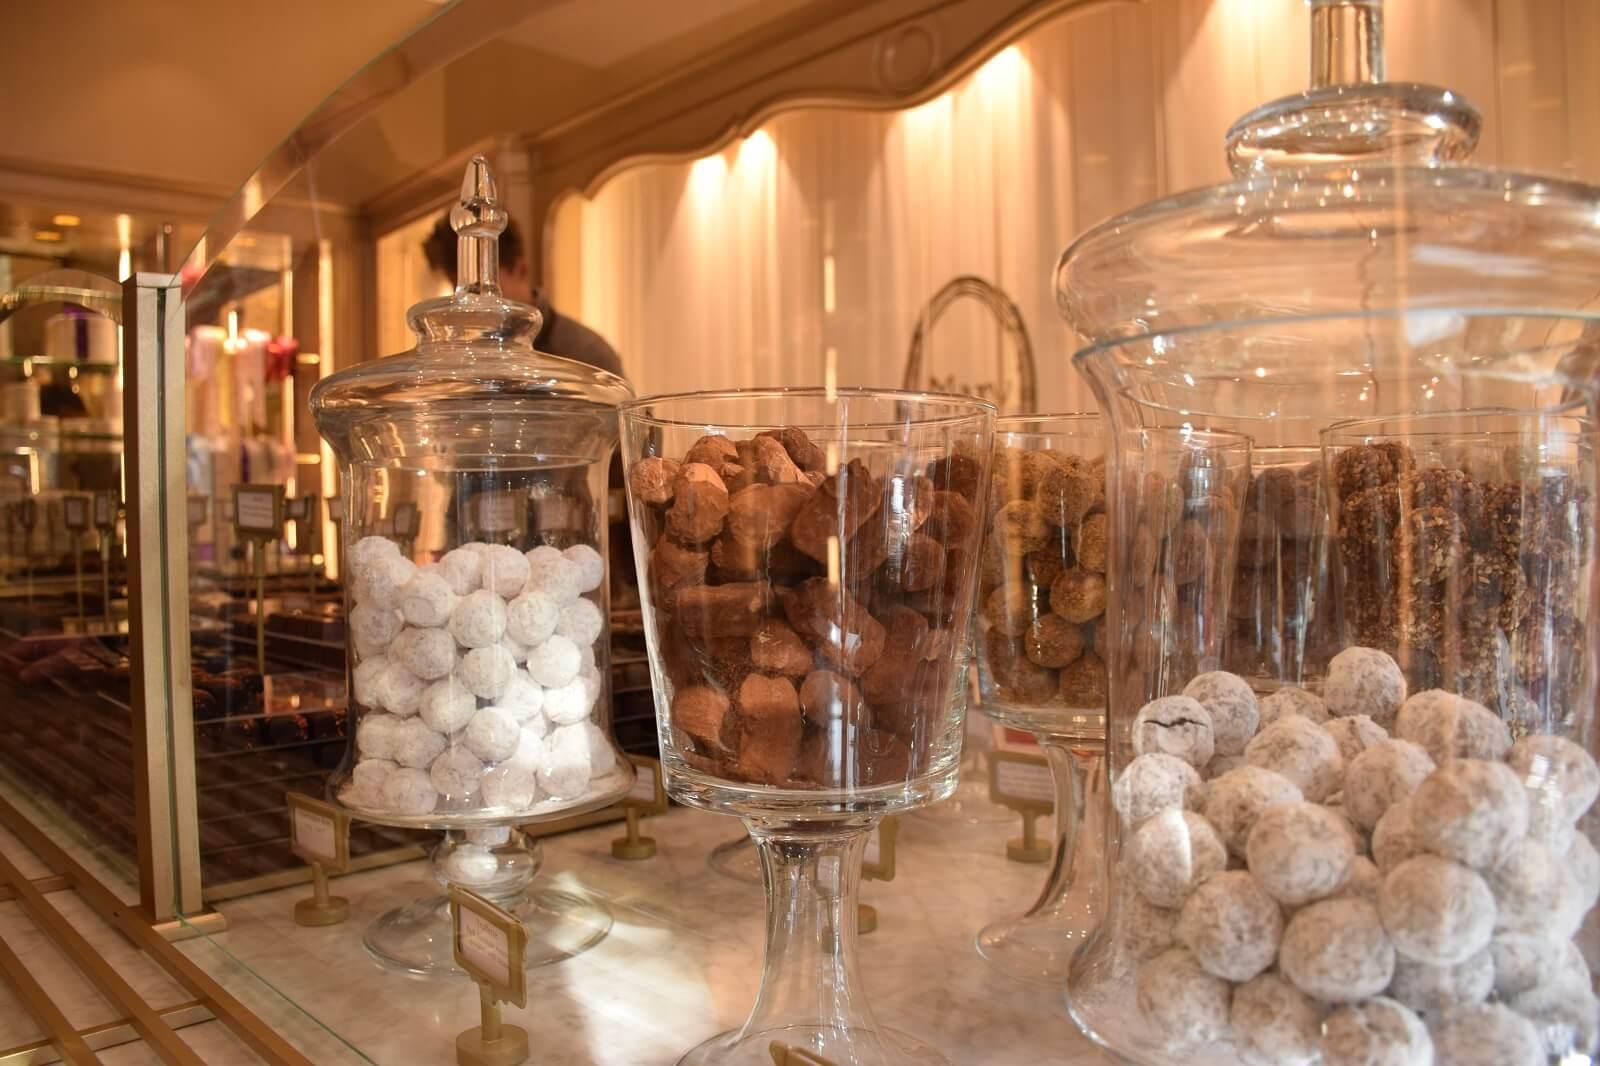 Chocolaterie Mary - Fournisseur breveté de la cour de Belgique depuis 1942 - Un des meilleurs chocolats belges.